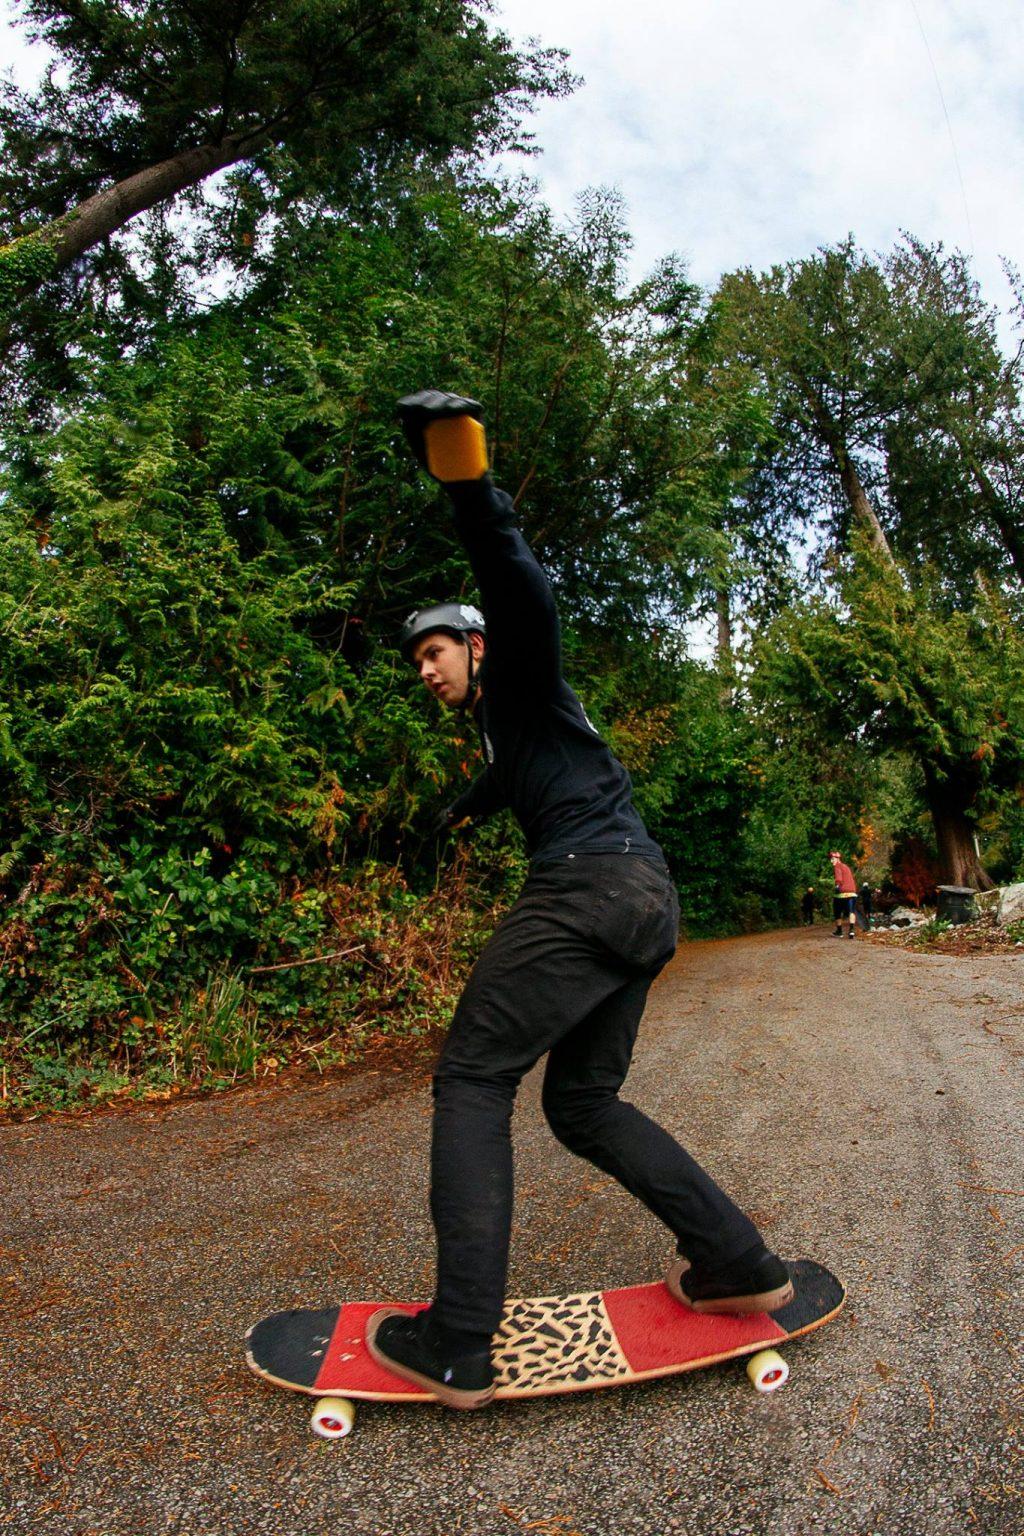 48-sam-galus-flatspot-longboards-valhalla-skateboards-higway-jam-highwayjamx-sho-ouellette-sho-stopper-longboarding